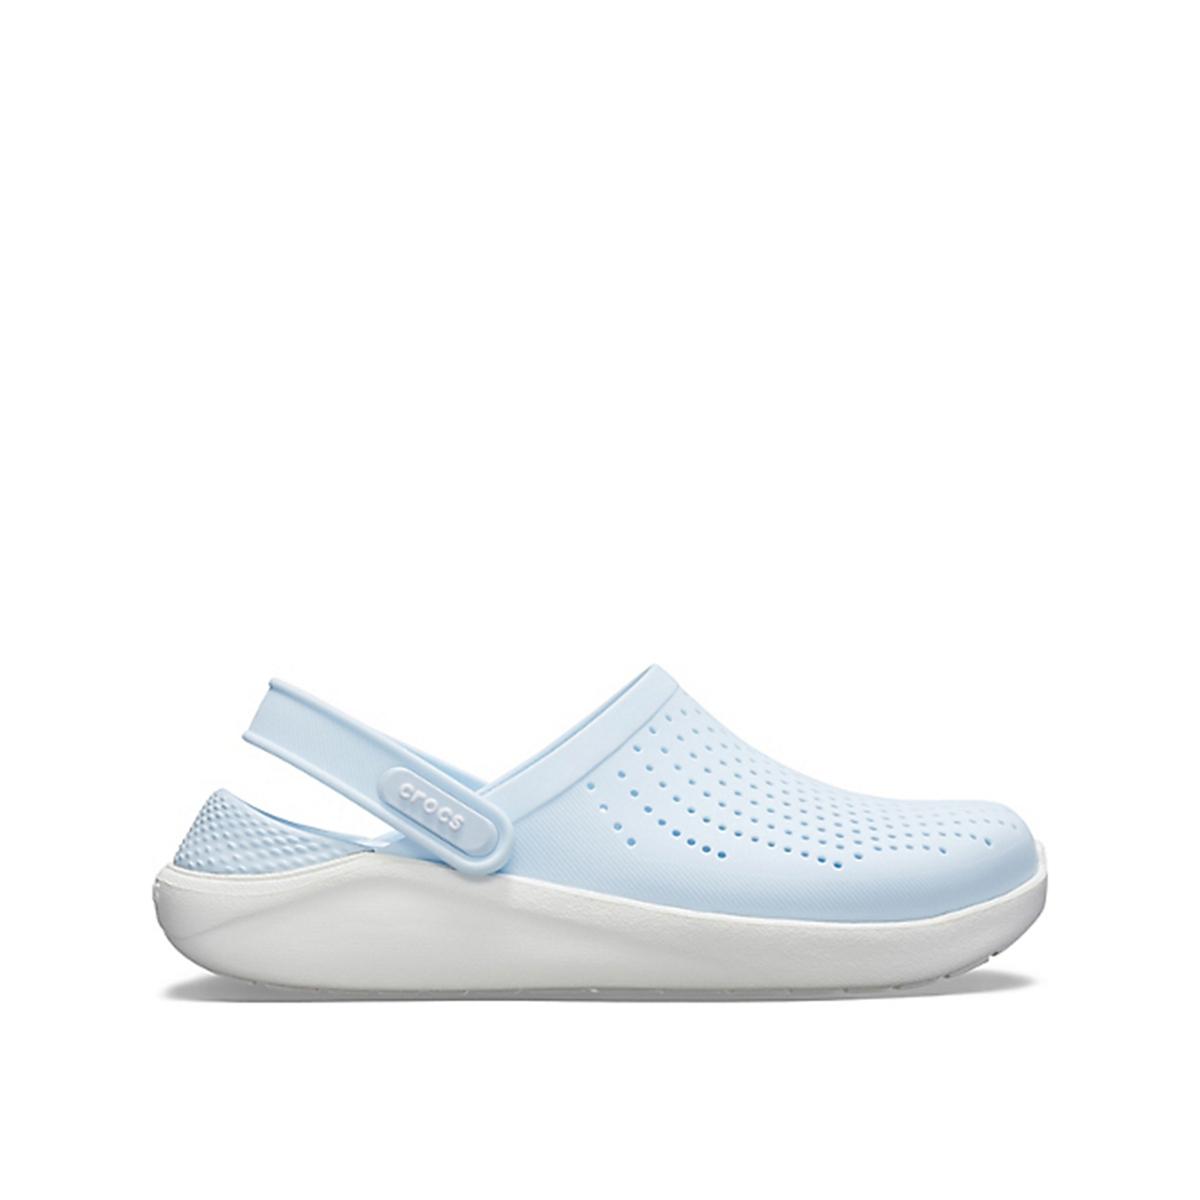 цена Туфли La Redoute Без задника LiteRide 36/37 синий онлайн в 2017 году